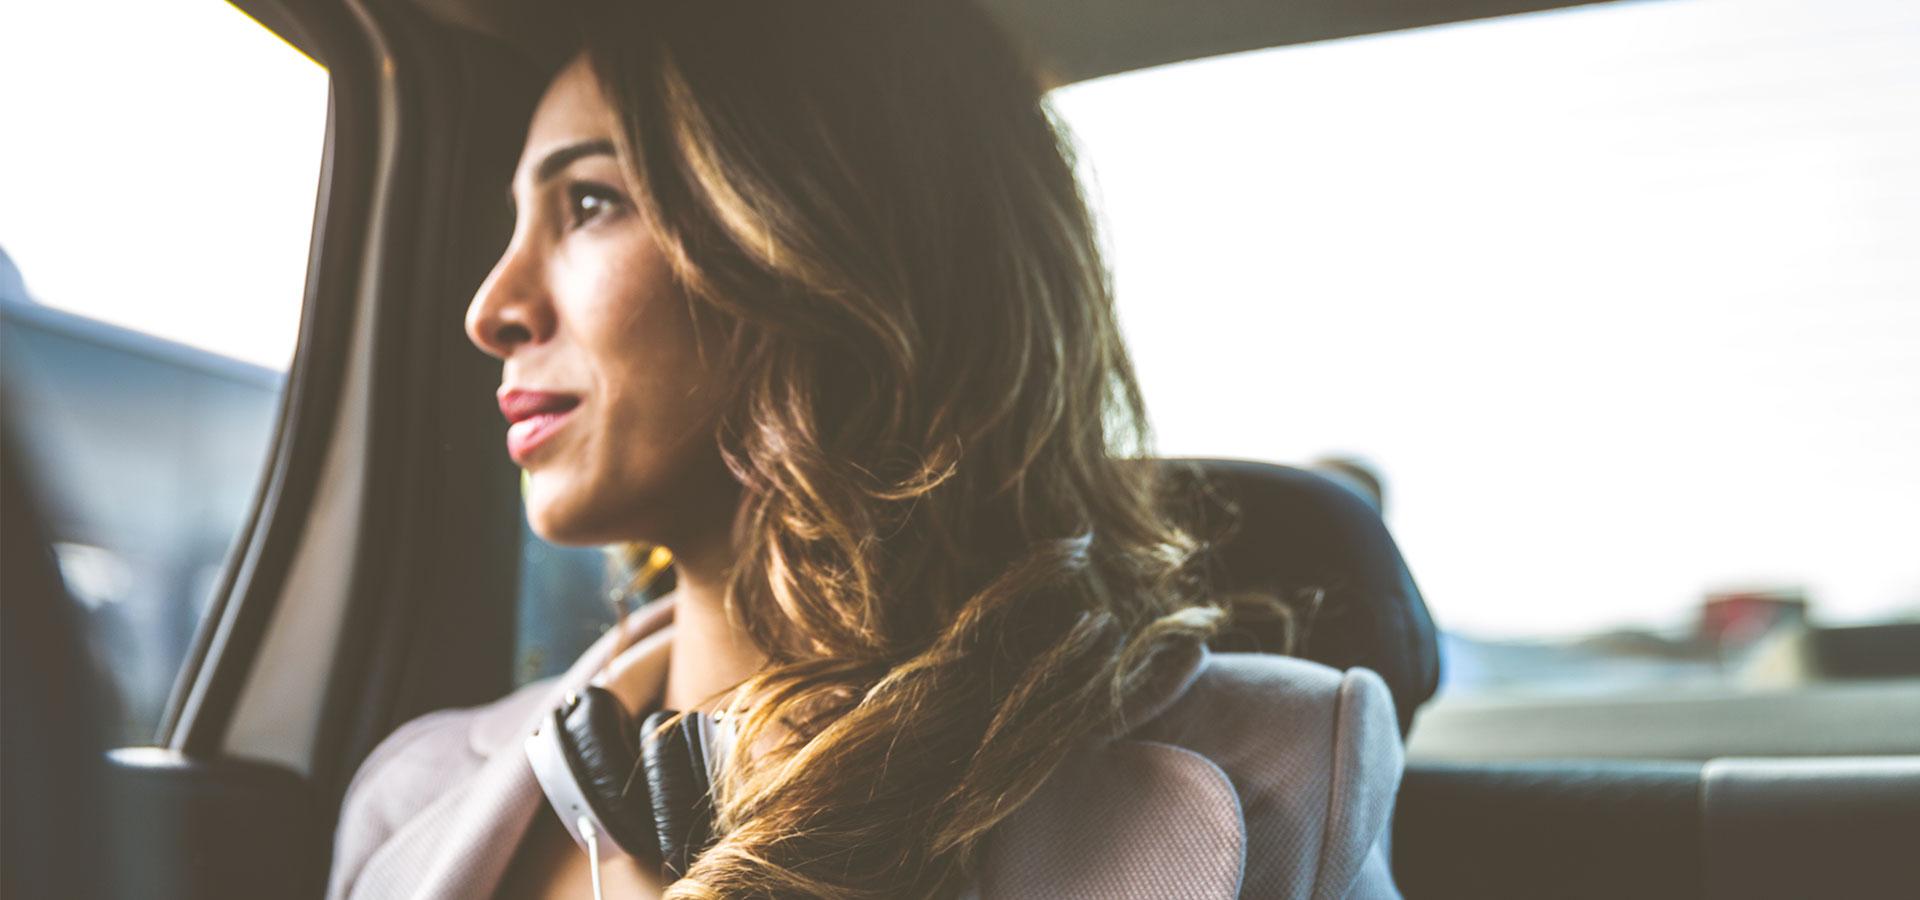 femme aux cheveux ondulés dans une voiture regardant par la fenêtre